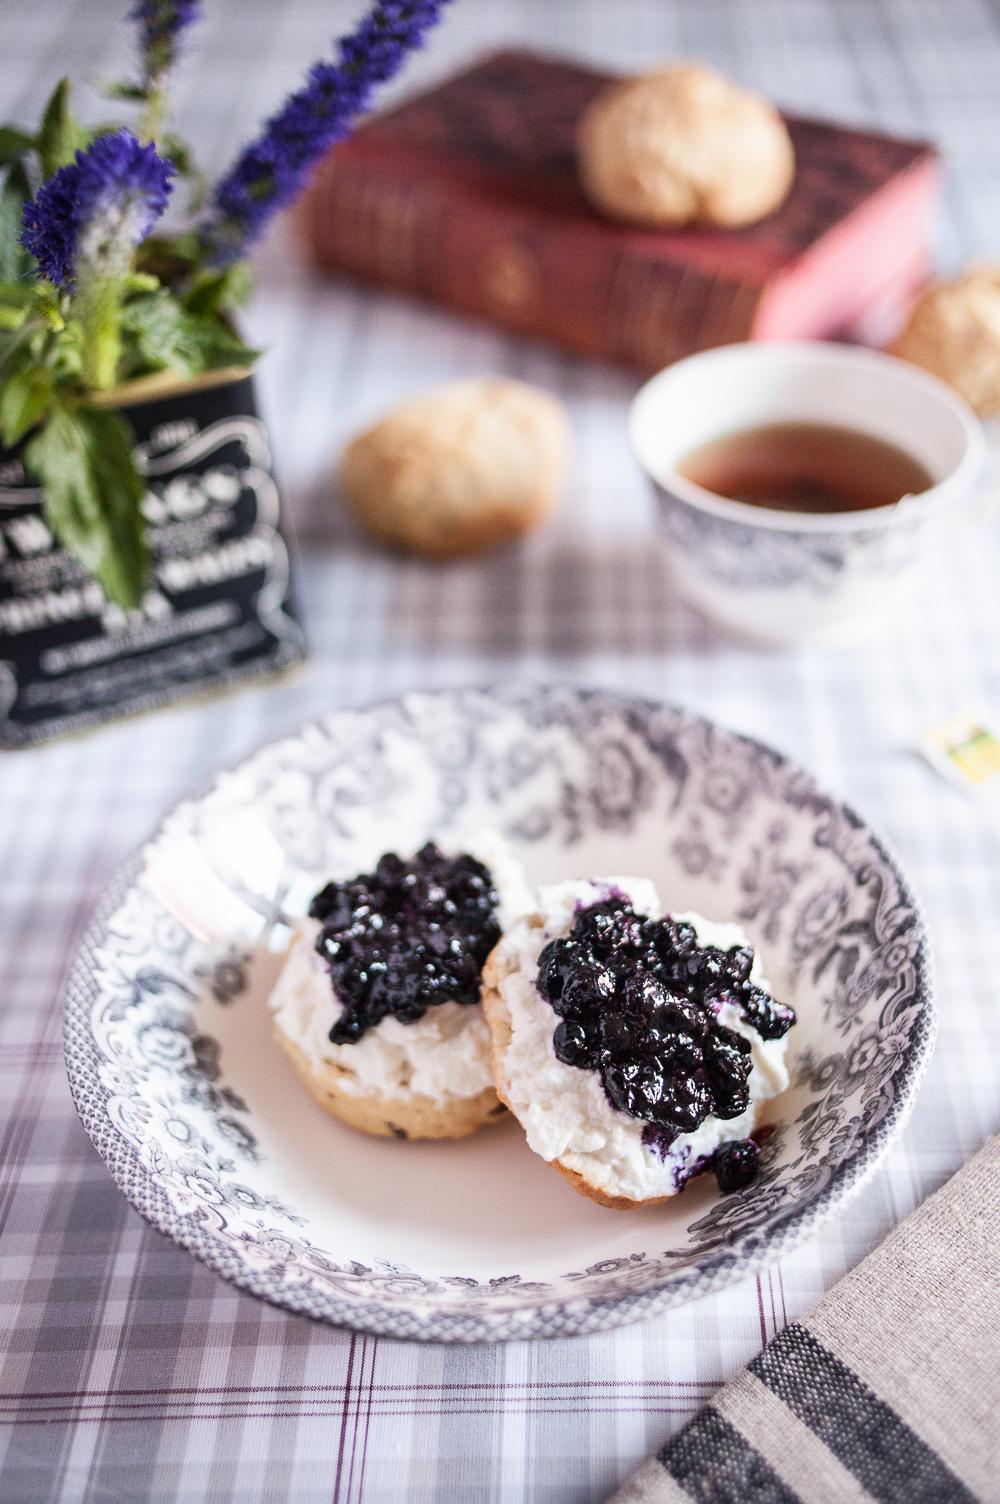 Frukost frÜn vÑrldens hîrn Foto Emily Dahl-21.jpg